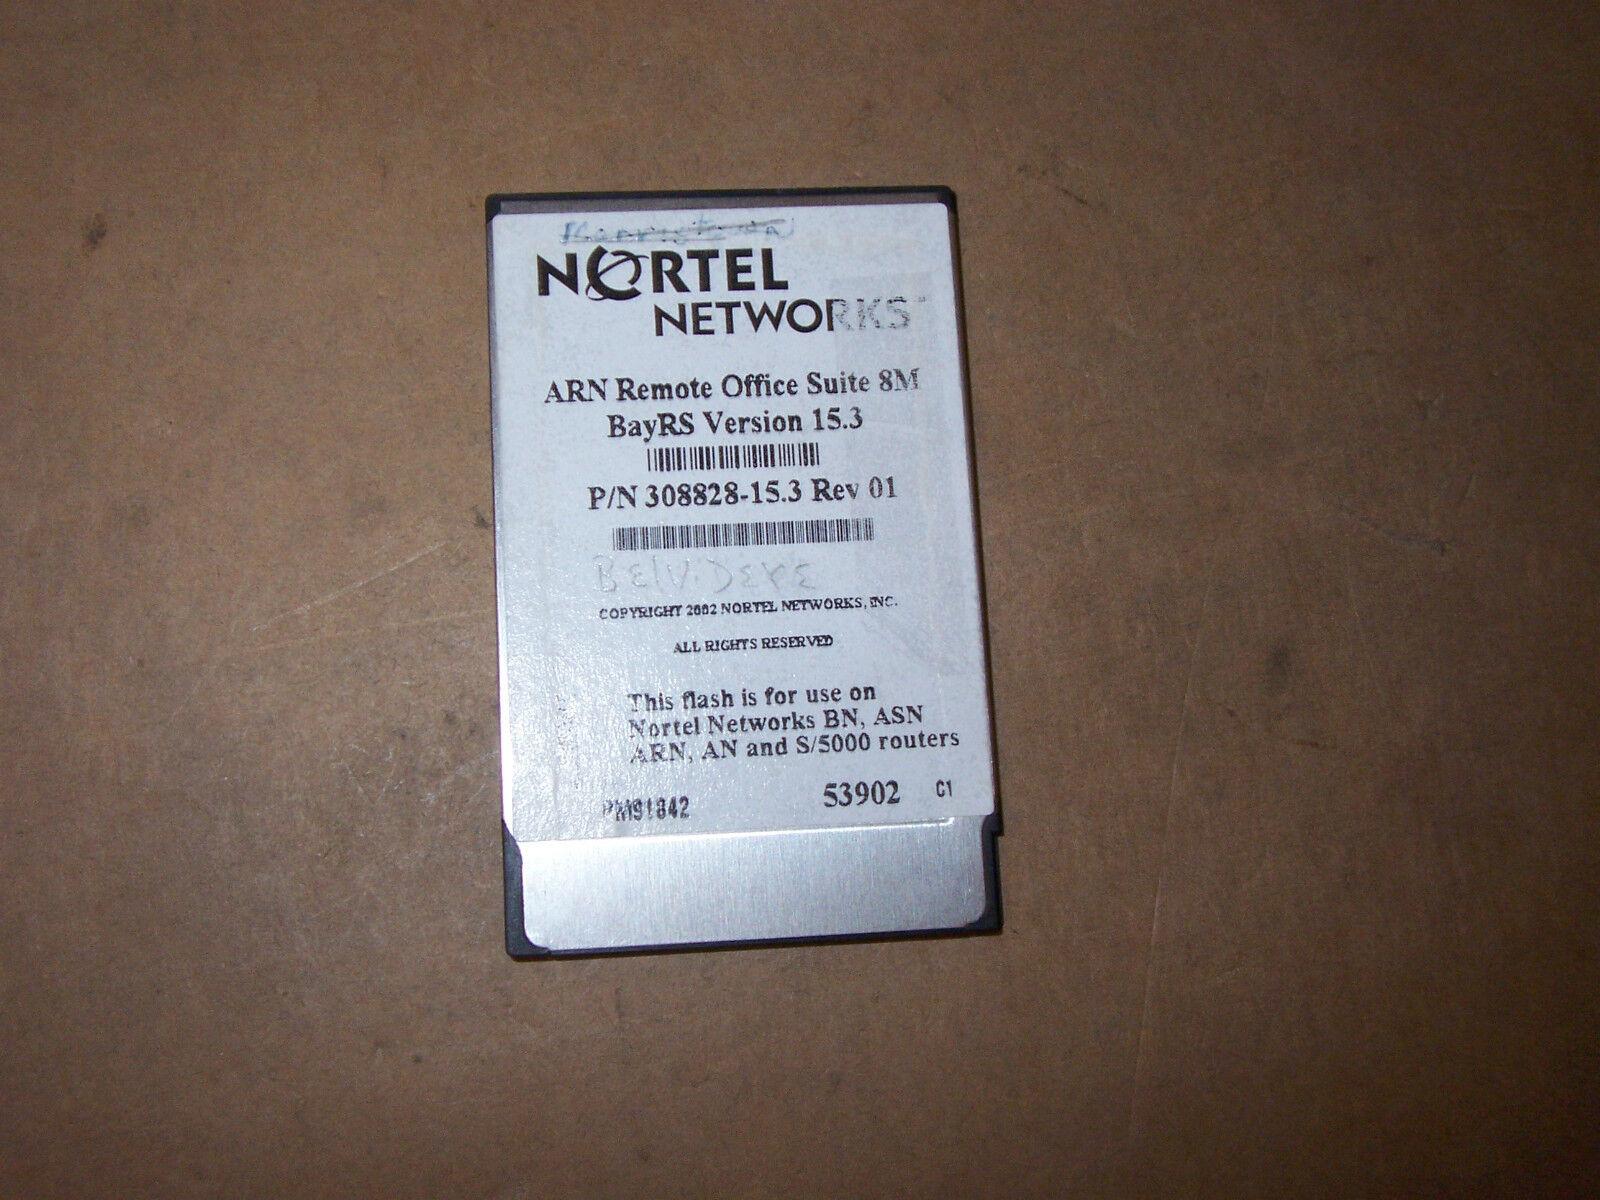 NORTEL ARN REMOTE OFFICE SUITE 8M BAYRS VERSION 15.3 P N 308828-15.3 REV. 01